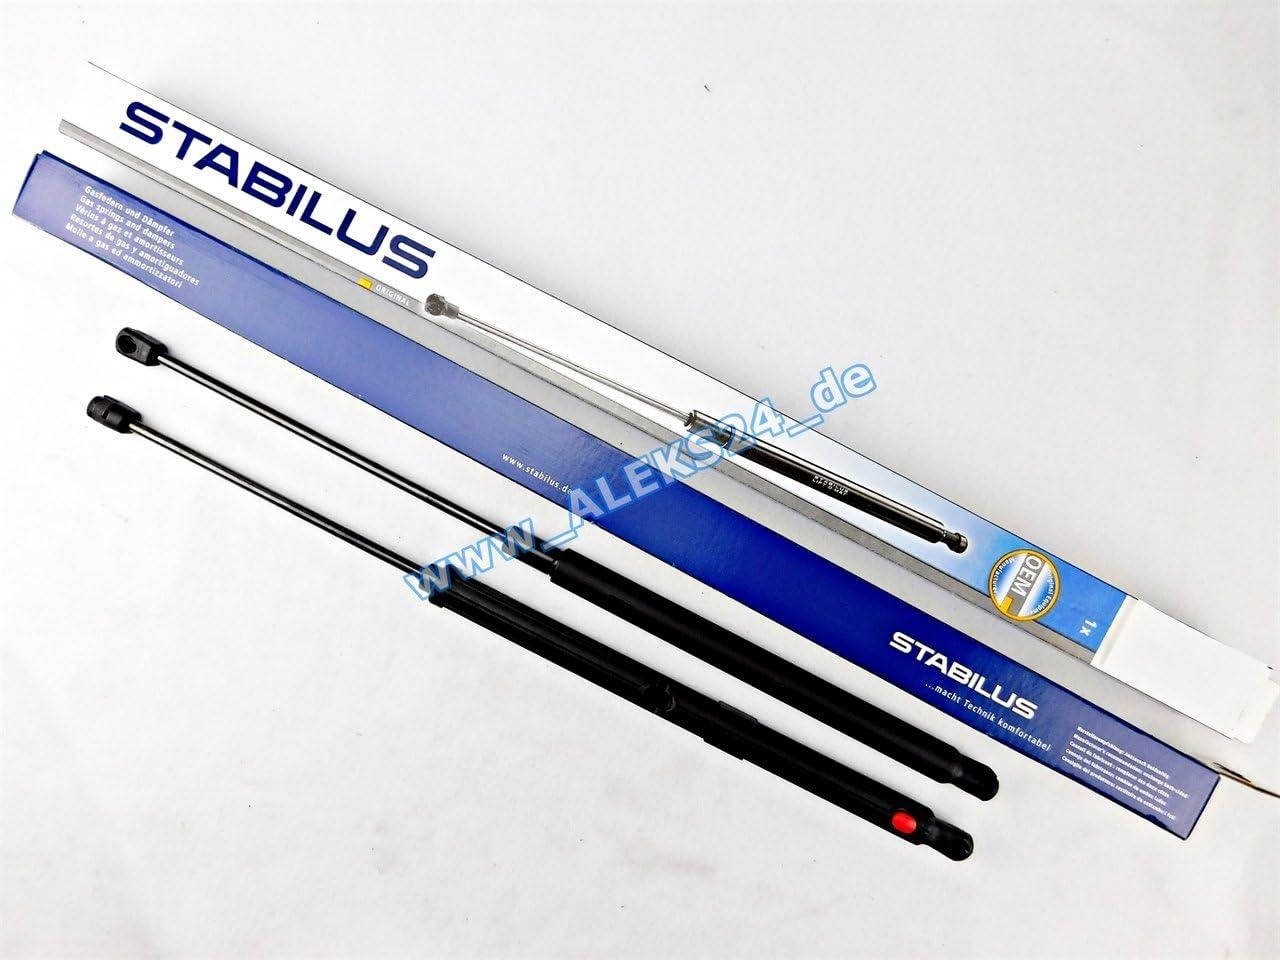 2x Stabilus LIFT-O-MAT Lifter Gas Spring Damper Bonnet for C-Class W203/3477XW//3474XK